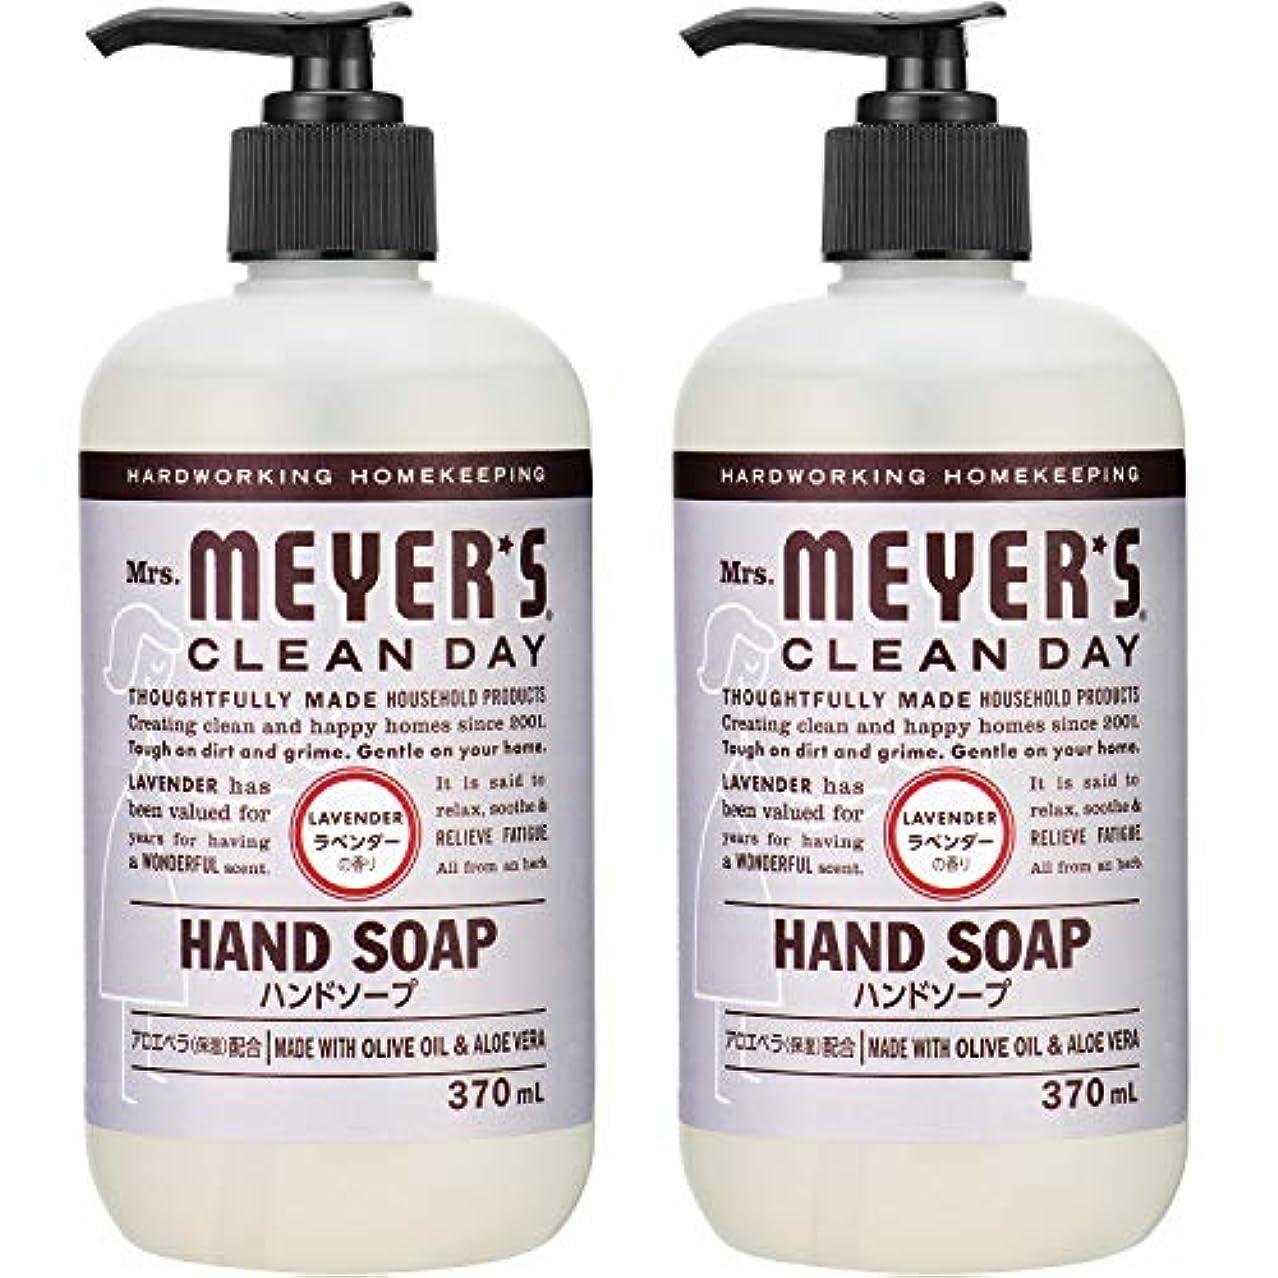 技術スクワイアフォーマットMrs. MEYER'S CLEAN DAY(ミセスマイヤーズ クリーンデイ) ミセスマイヤーズ クリーンデイ(Mrs.Meyers Clean Day) ハンドソープ ラベンダーの香り 370ml×2個